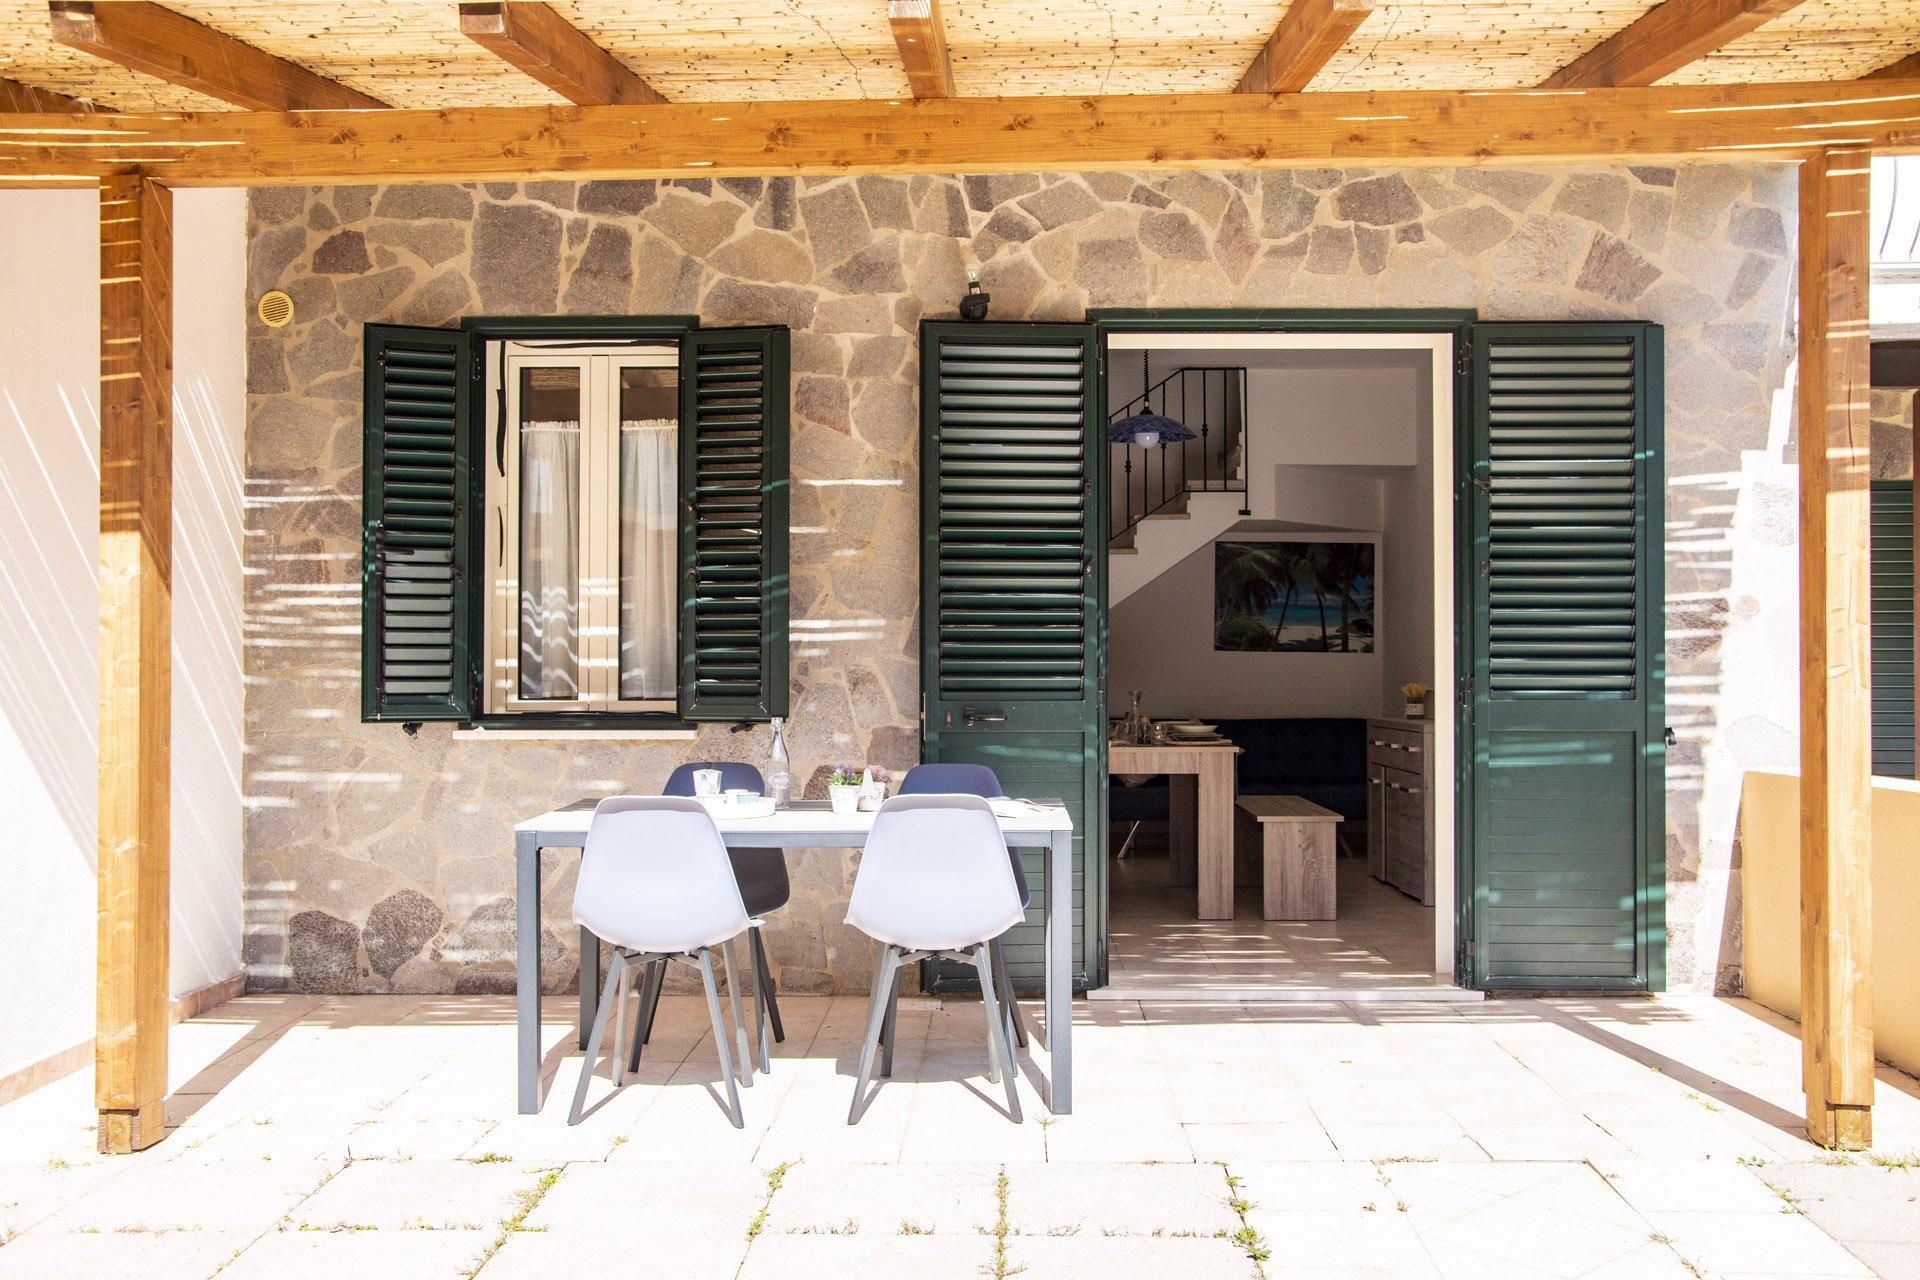 La Ciaccia Blue Apartment, appartamento vacanza in Sardegna a pochi metri dal mare